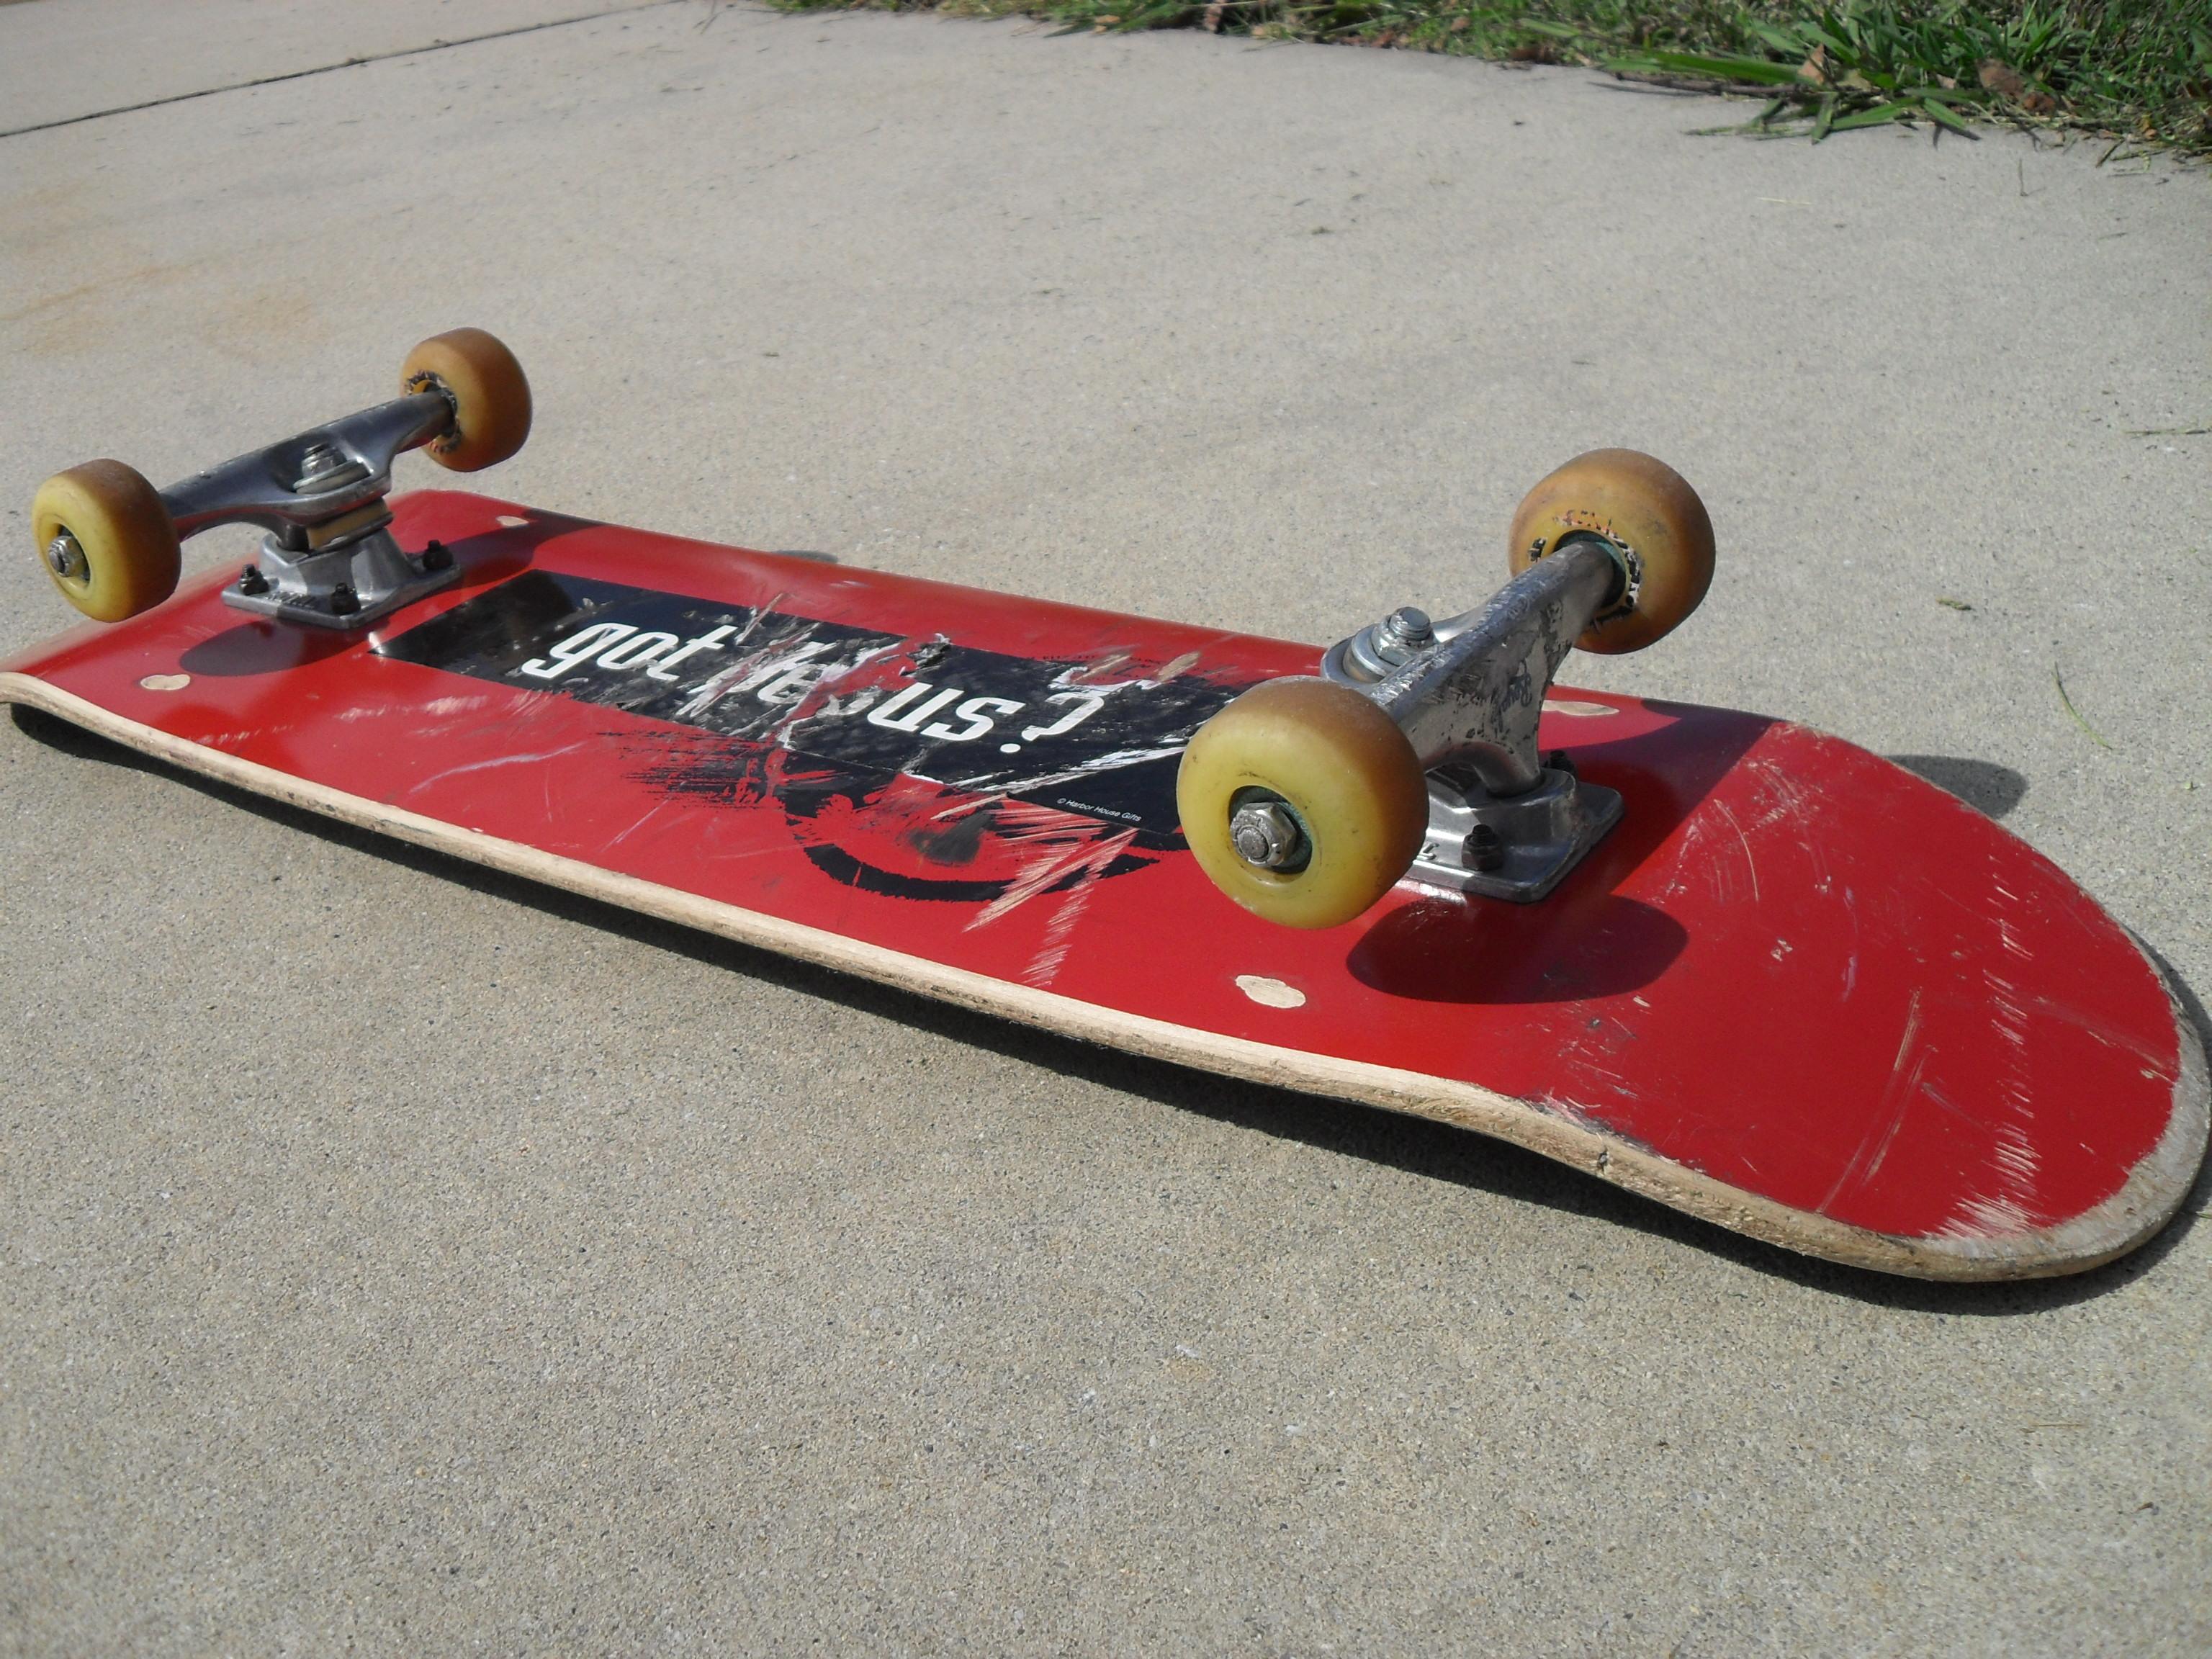 skate board: